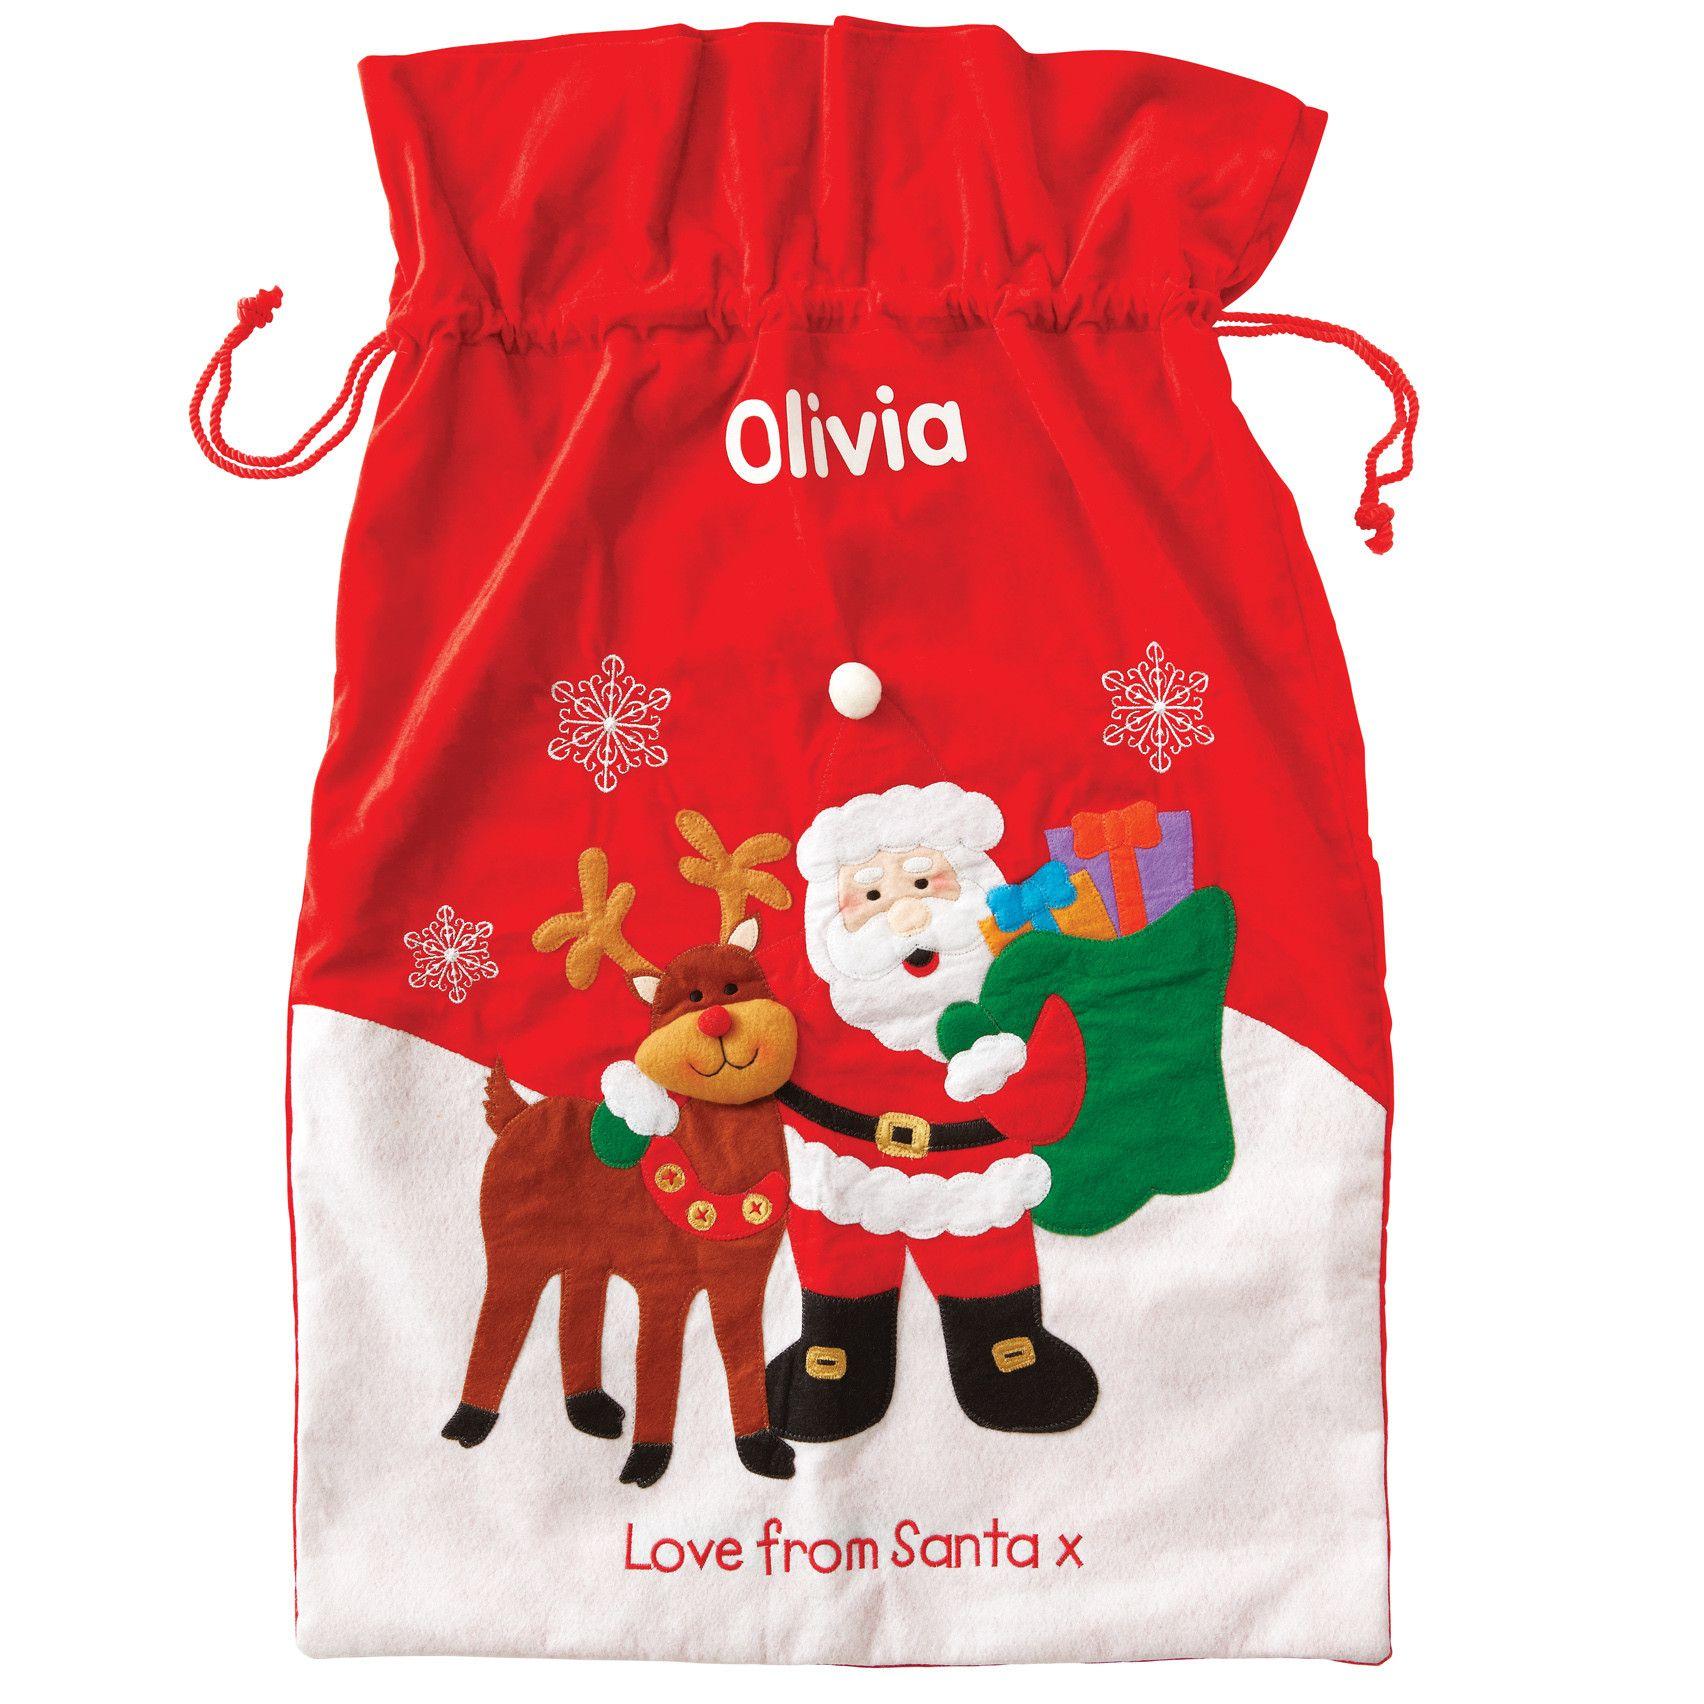 Personalised Santa And Reindeer Christmas Sack Hardtofind Reindeer Sack Santa And Reindeer Christmas Sack